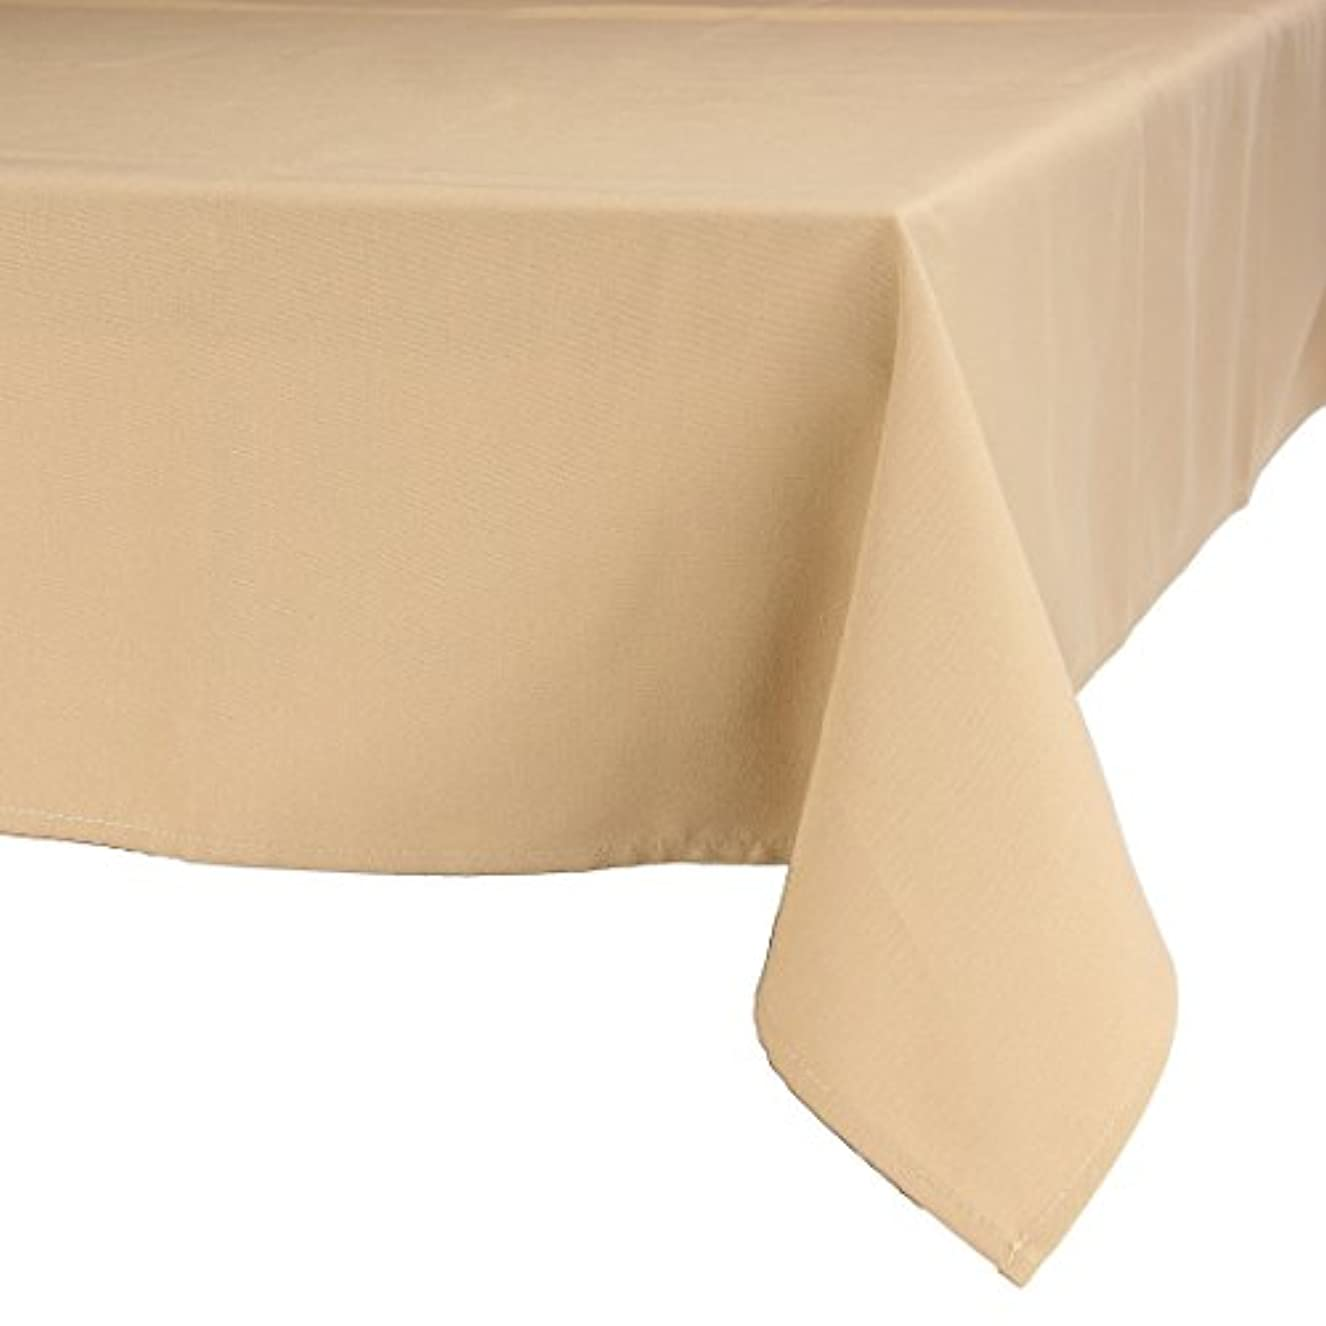 パイ理想的免疫するMAJEST(マジェスト) テーブルクロス 長方形150cmx260cm 布地 サンドルウッド 無地 繋なし 吸水タイプ